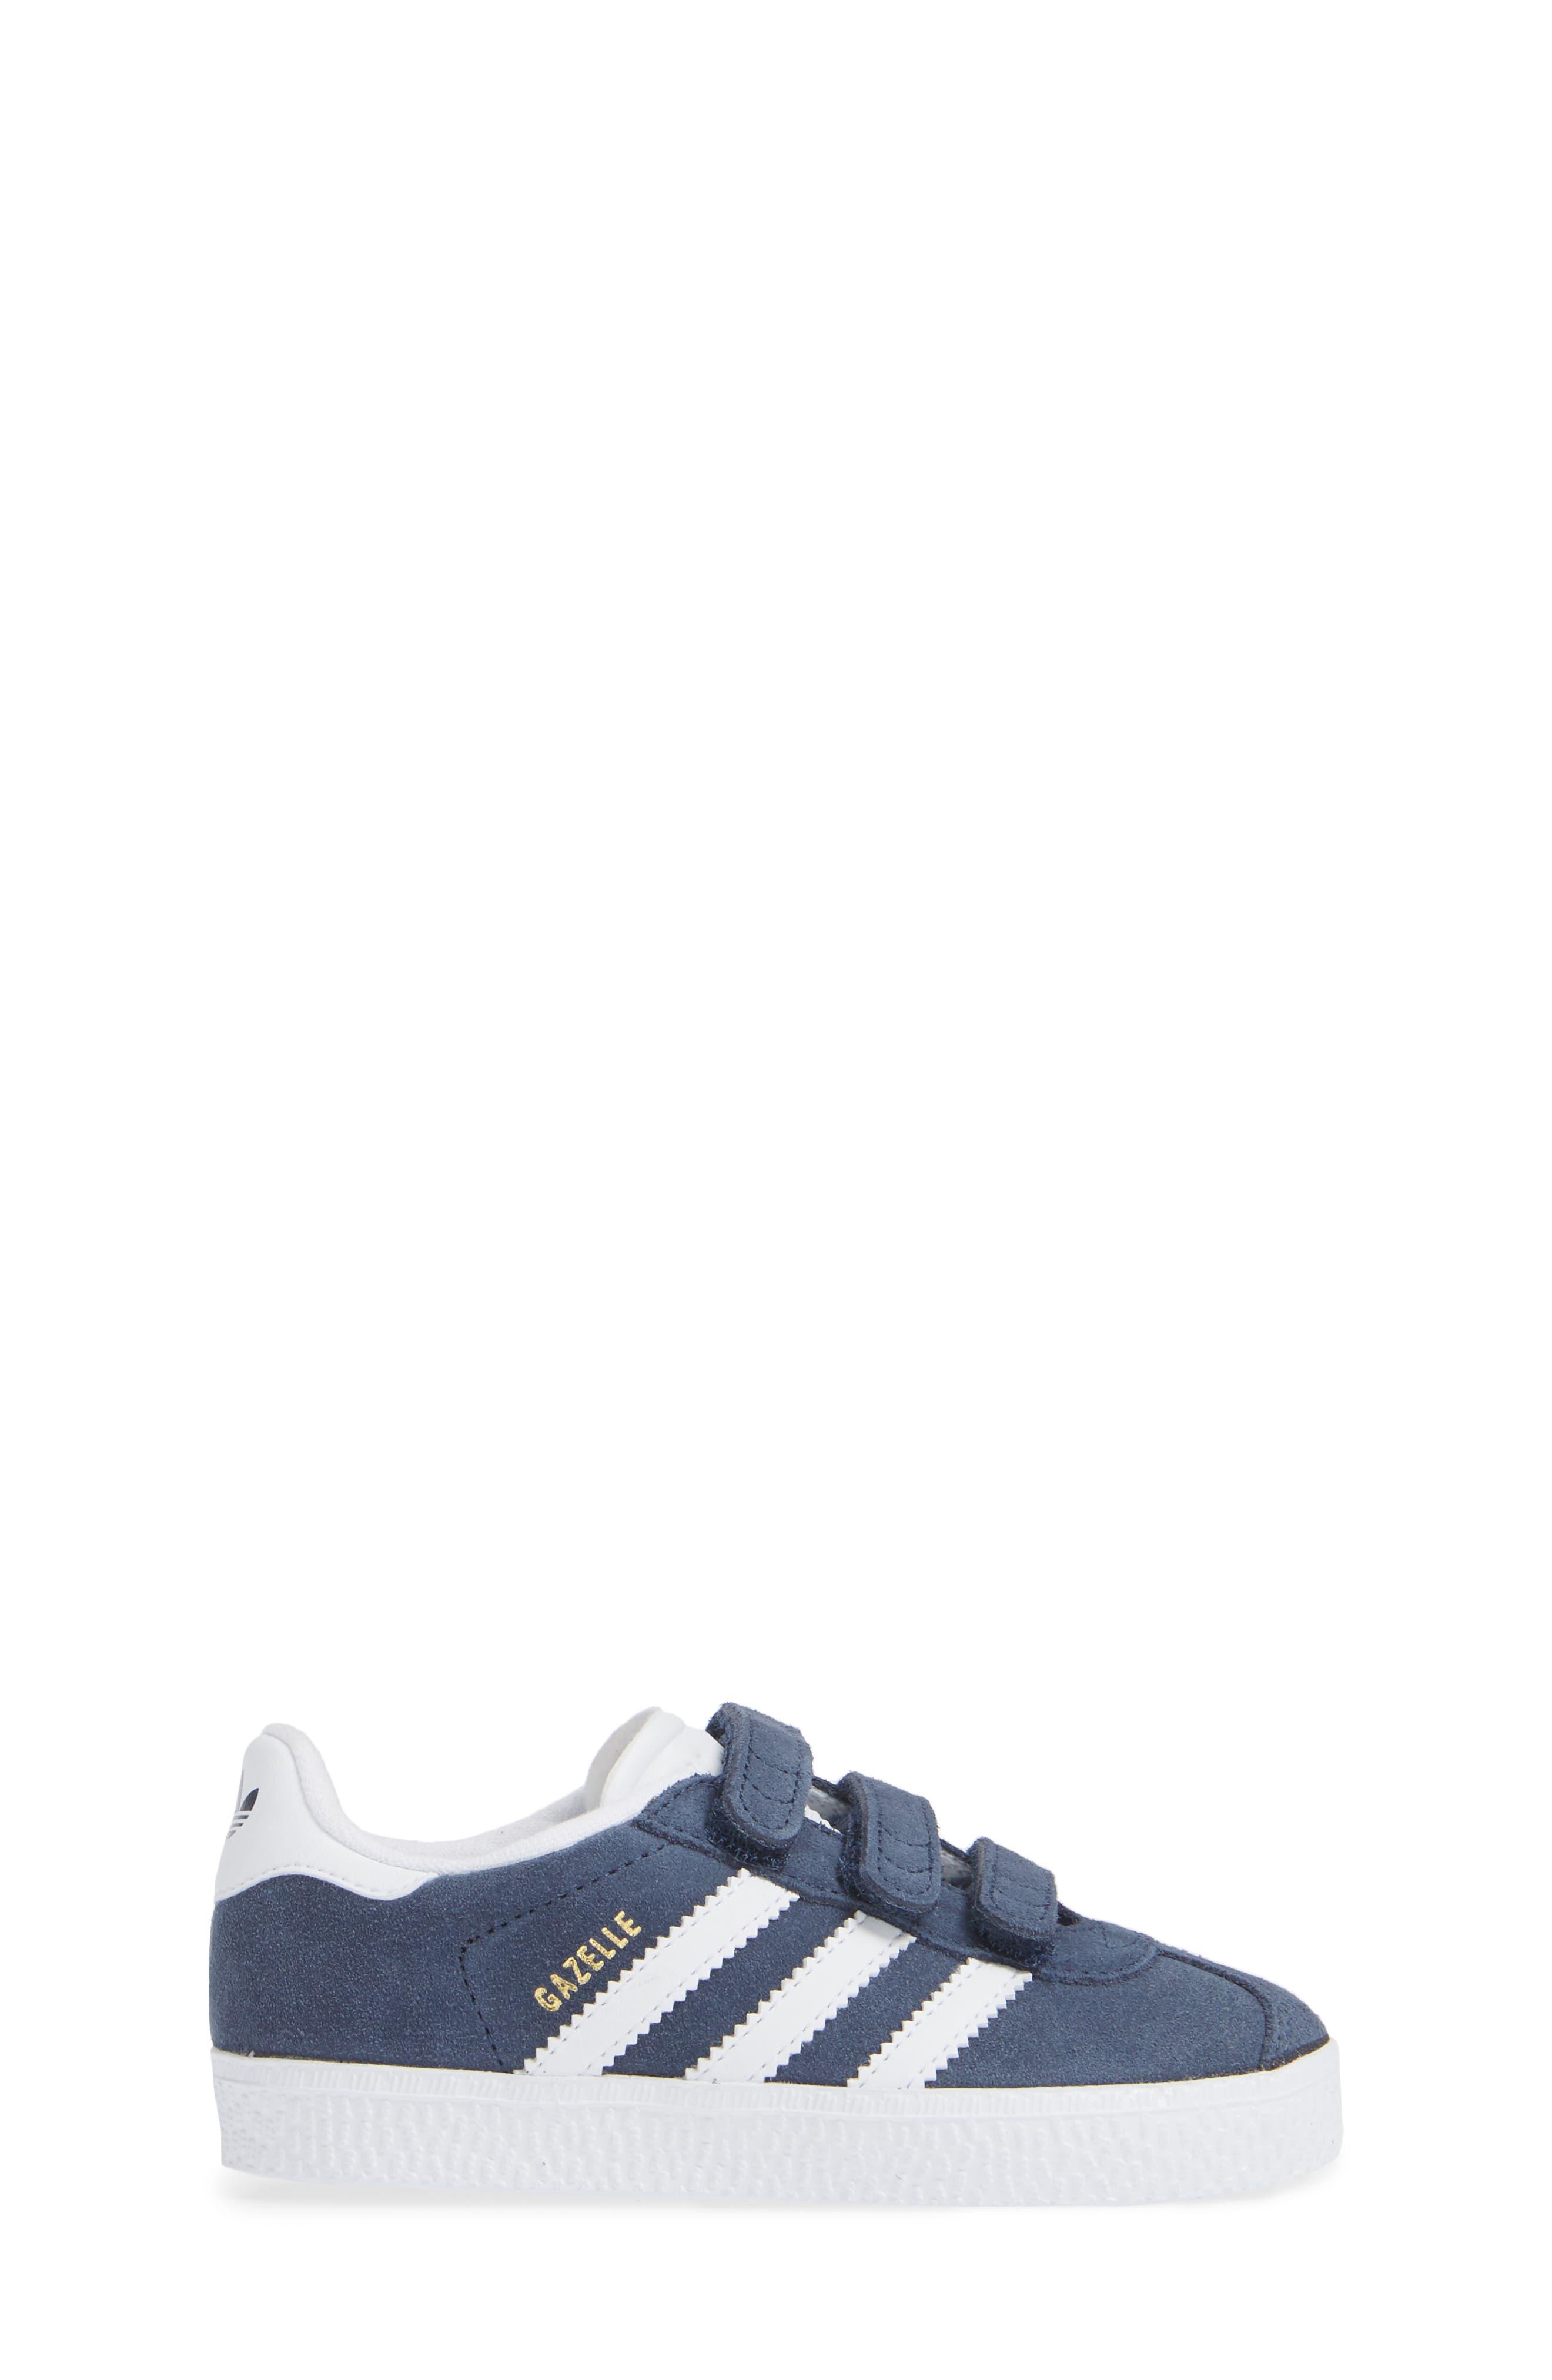 Gazelle Sneaker,                             Alternate thumbnail 3, color,                             NAVY/ WHITE